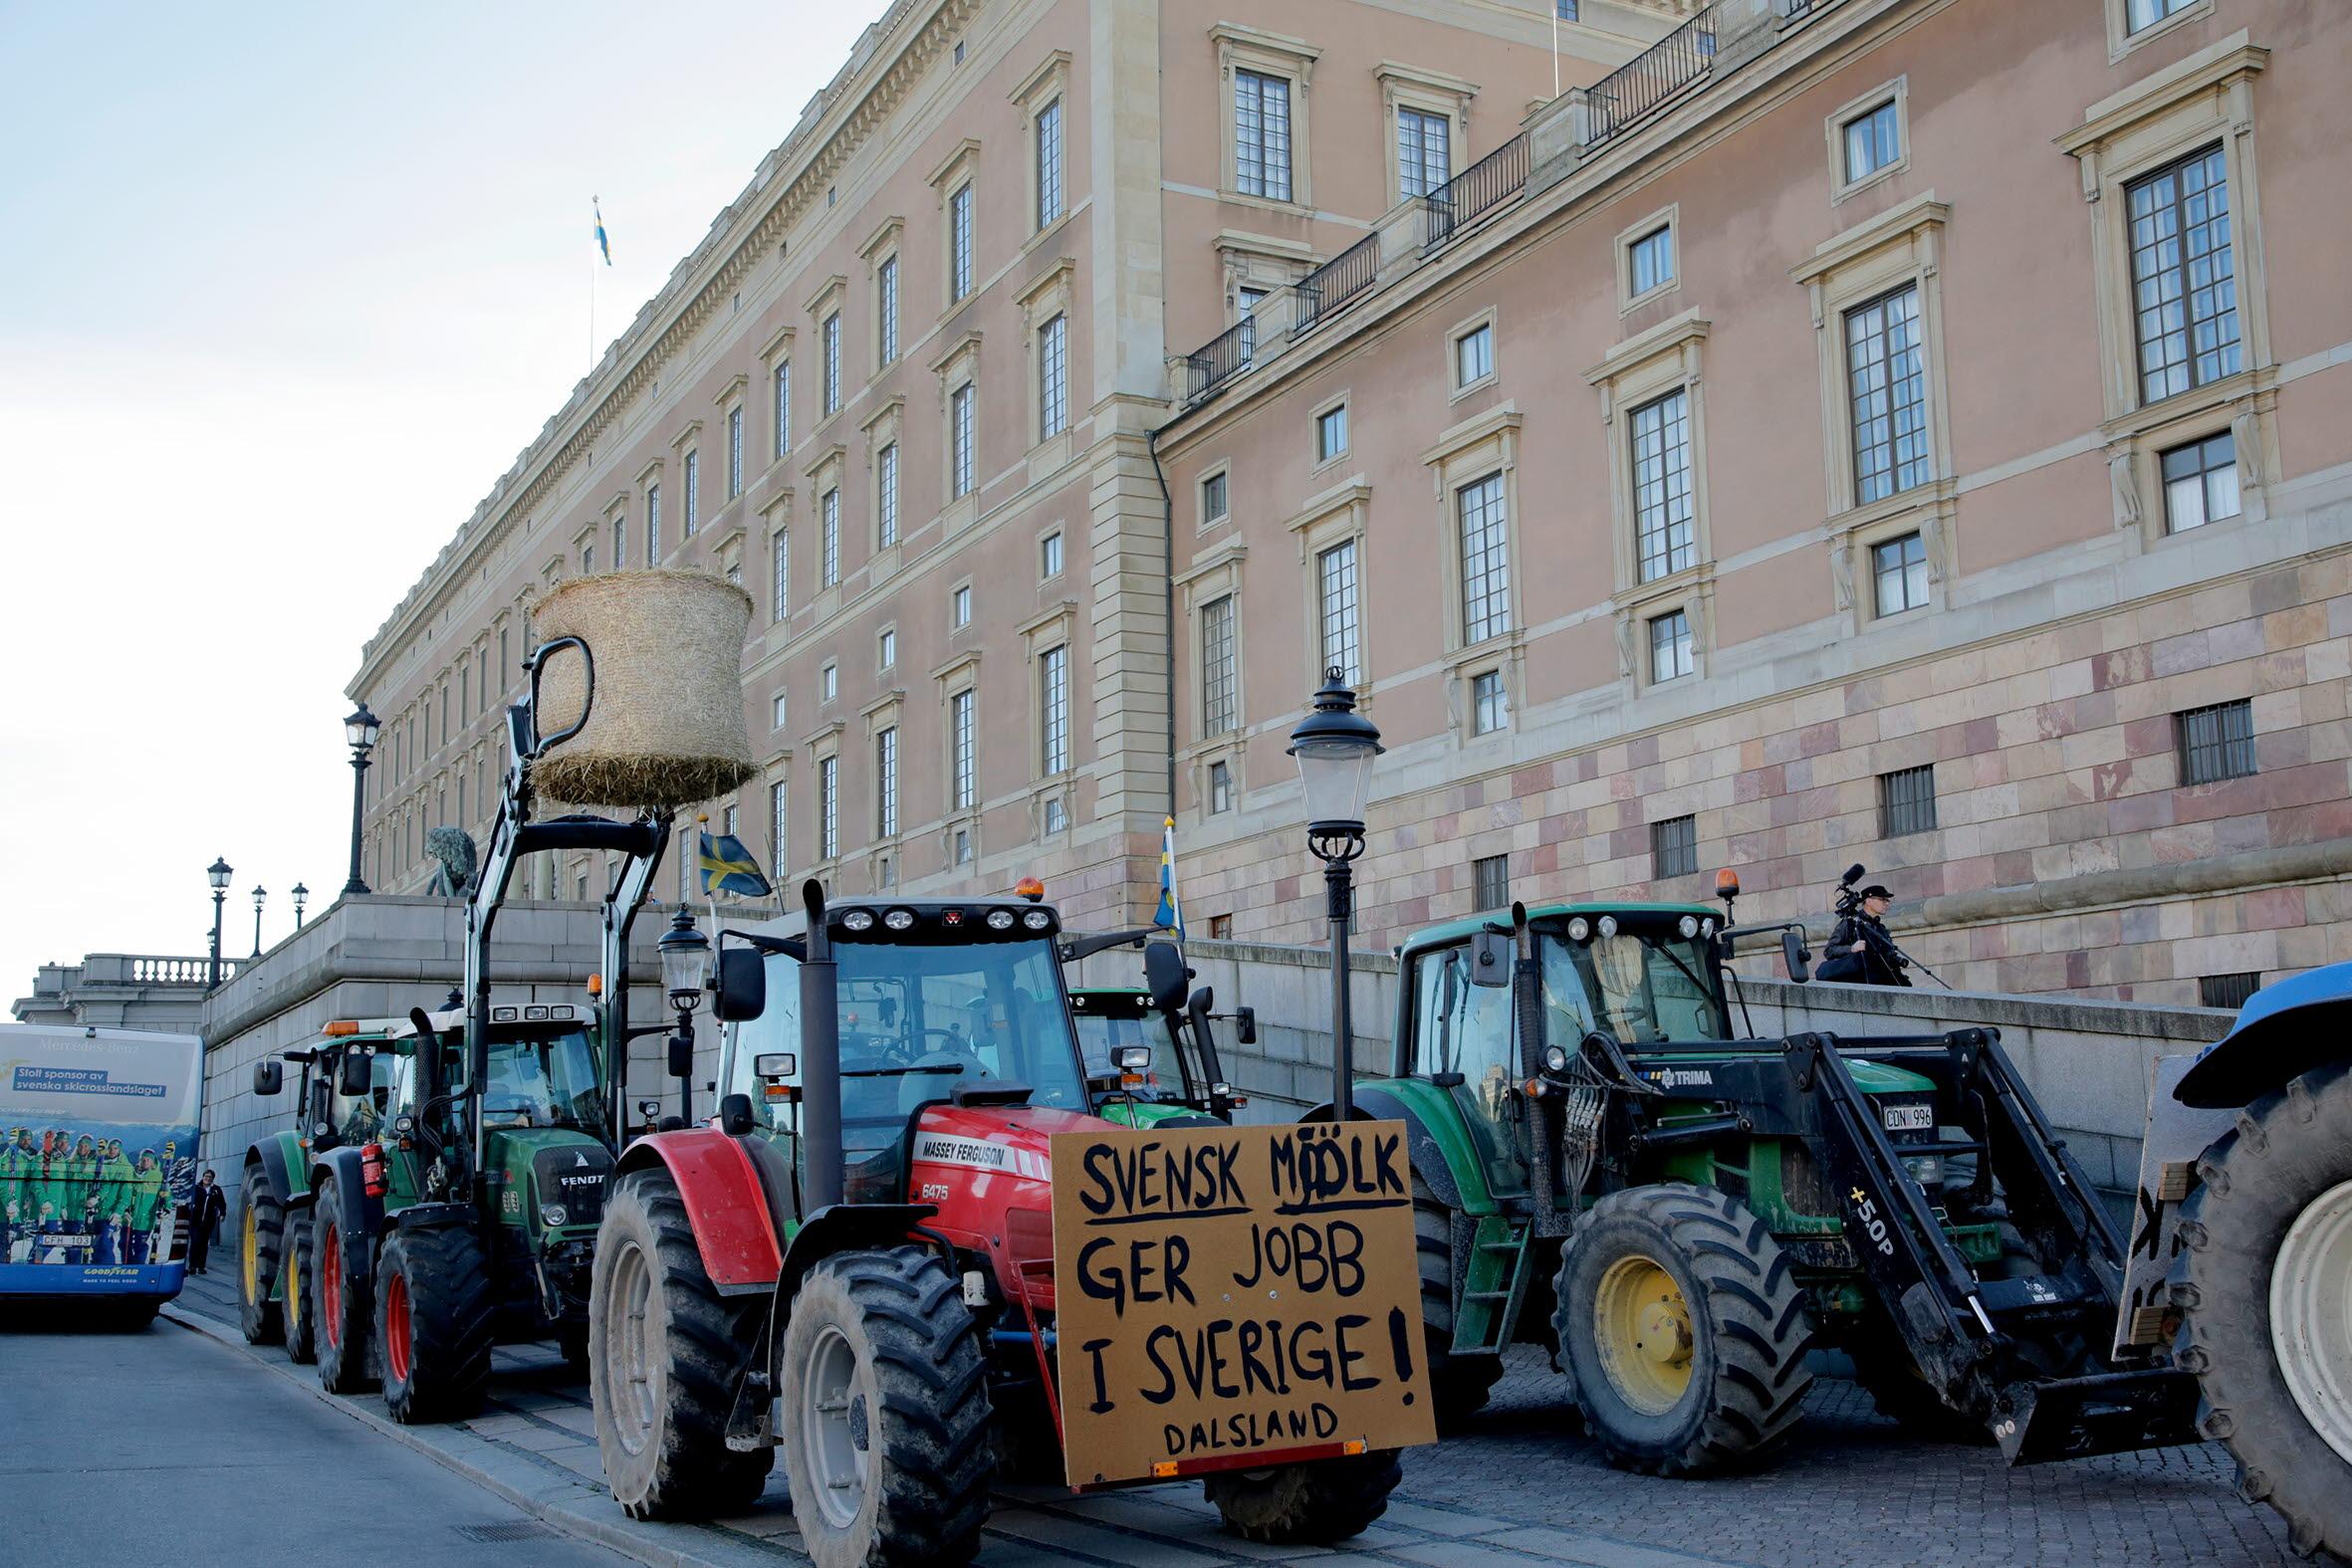 Idag, den 21 september, anordnar LRF en manifestation för svensk mjölk och svenskt lantbruk på Mynttorget i centrala Stockholm. I samband med den överlämnar LRFs förbundsordförande Helena Jonsson namninsamlingen till landsbygdsminister Sven-Erik Buch